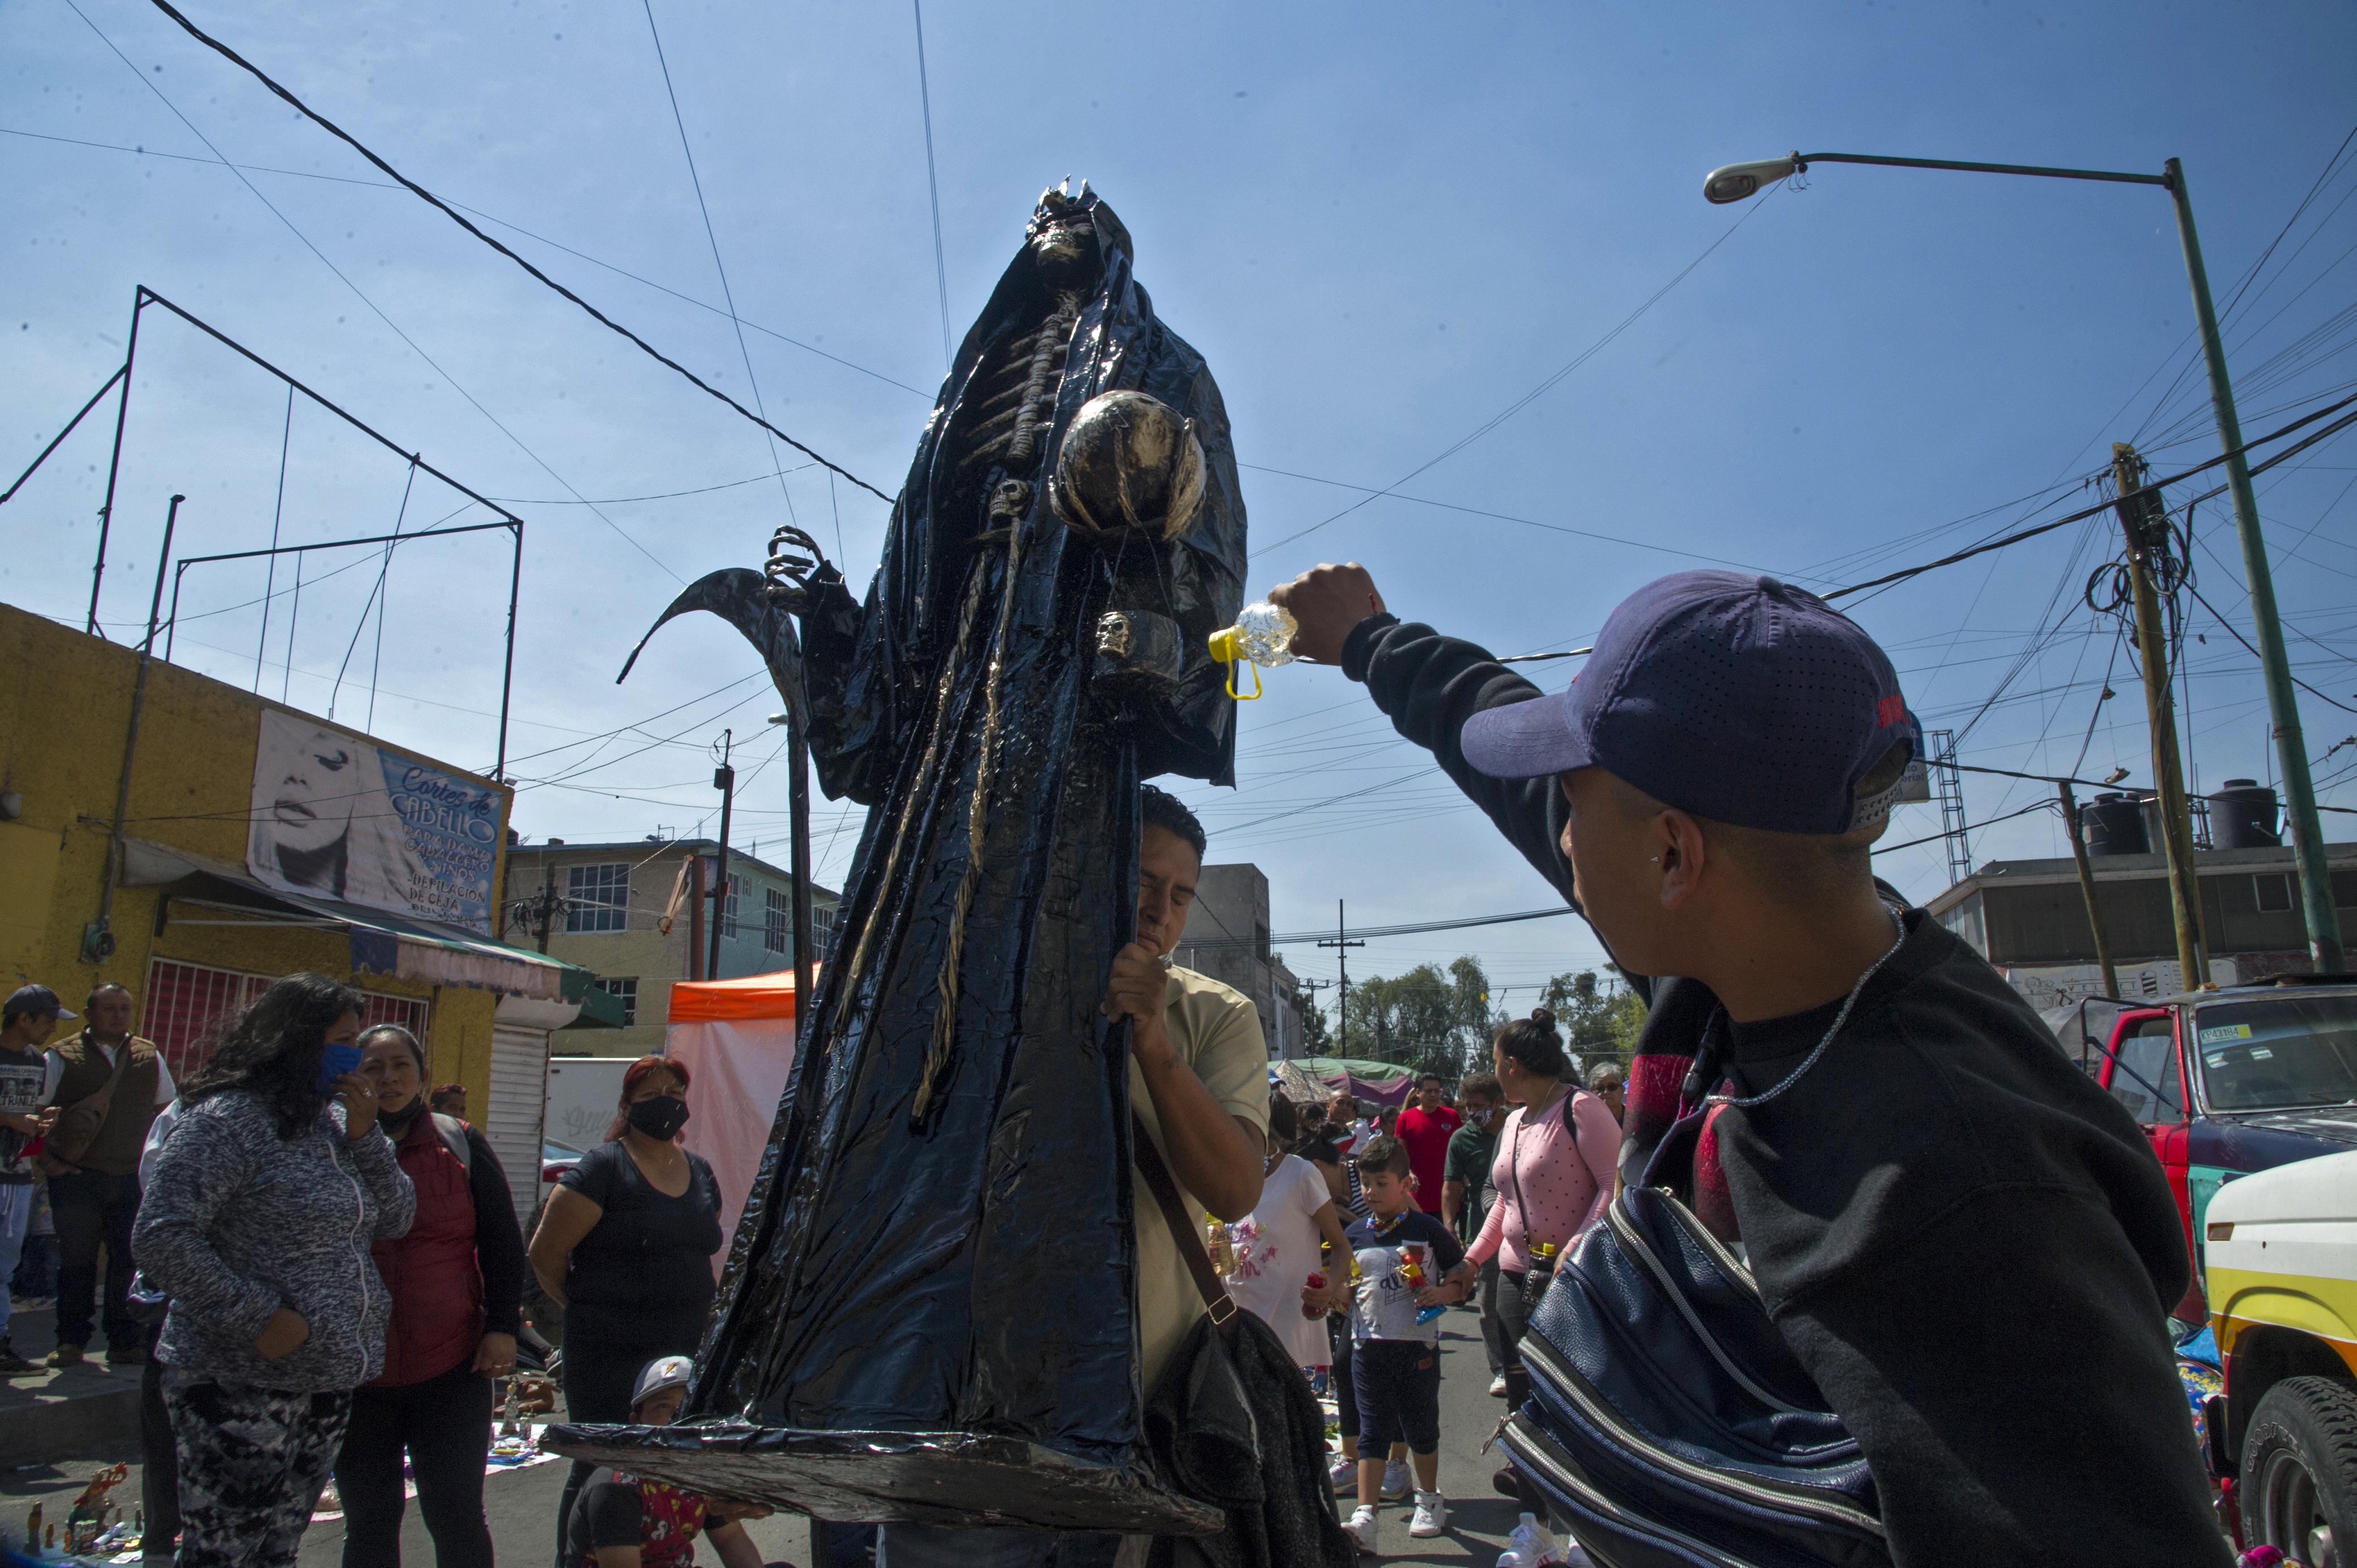 Un hombre rocía alcohol etílico sobre una figura de la Santa Muerte como ritual de limpieza cerca de su santuario en la calle Alfarería, en el barrio de Tepito, de la Ciudad de México, el 1 de octubre de 2020